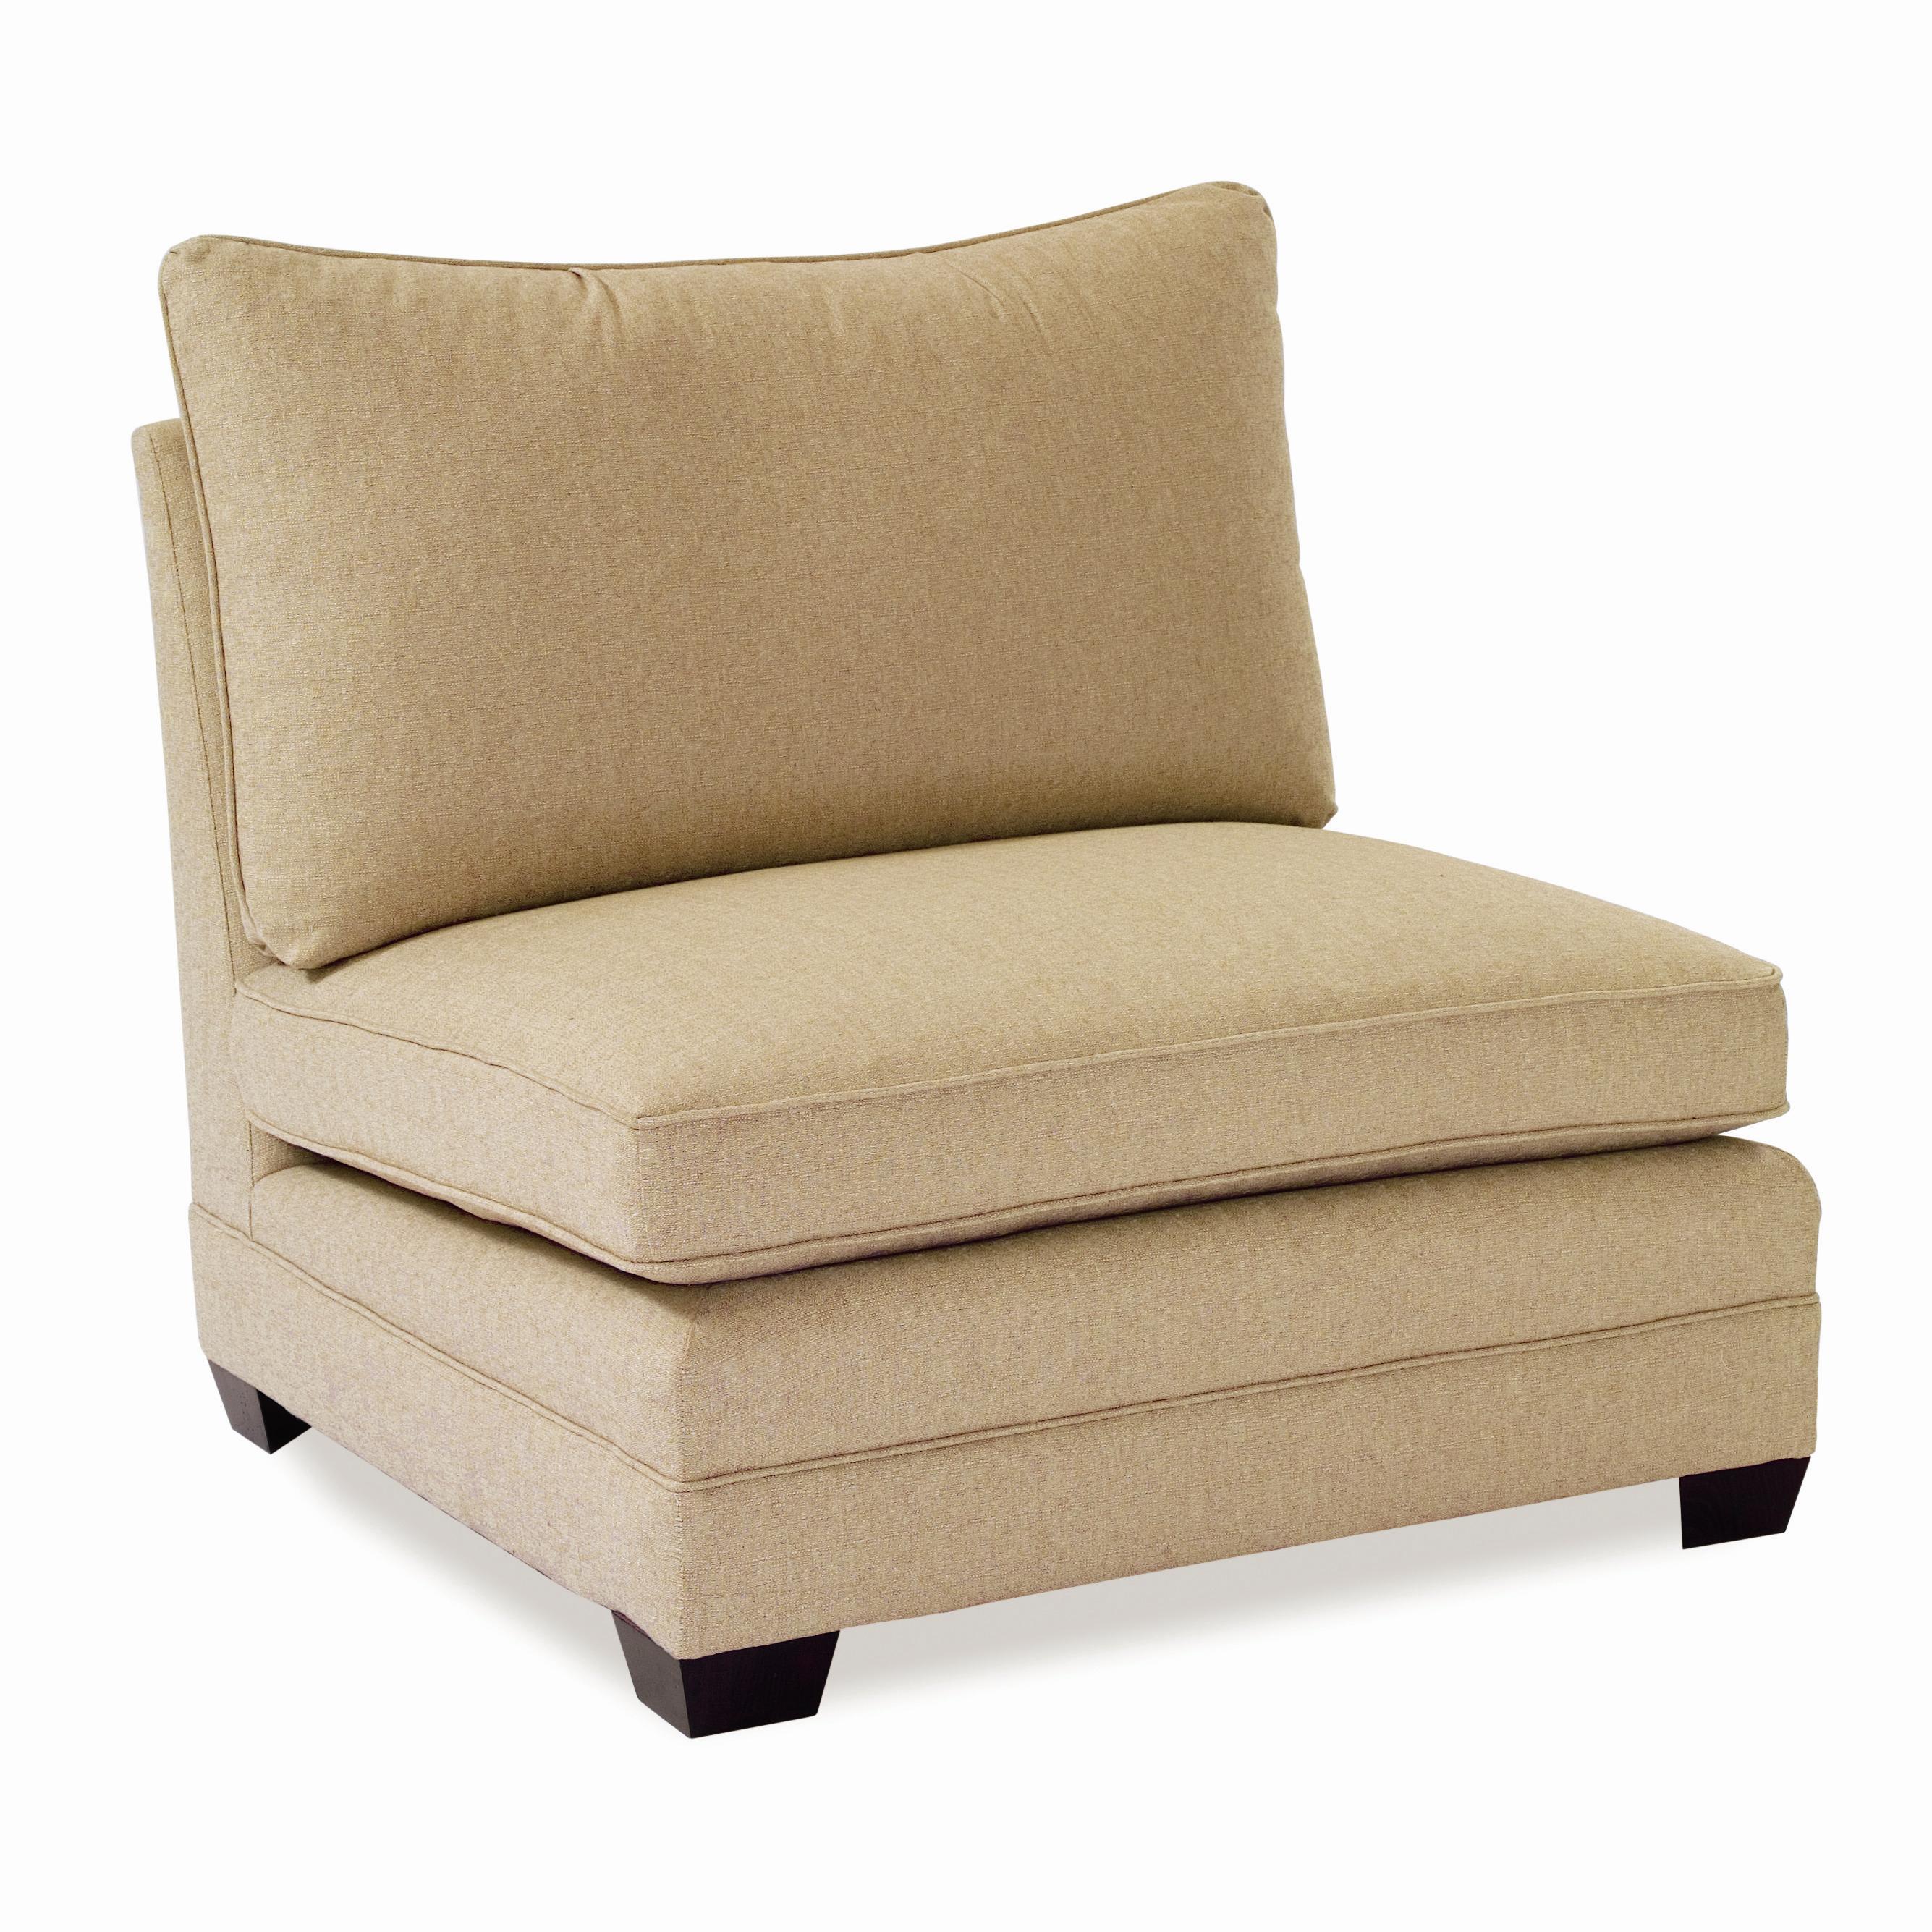 Sam Moore Margo Large Armless Chair - AHFA - Sectional Modular Piece ...